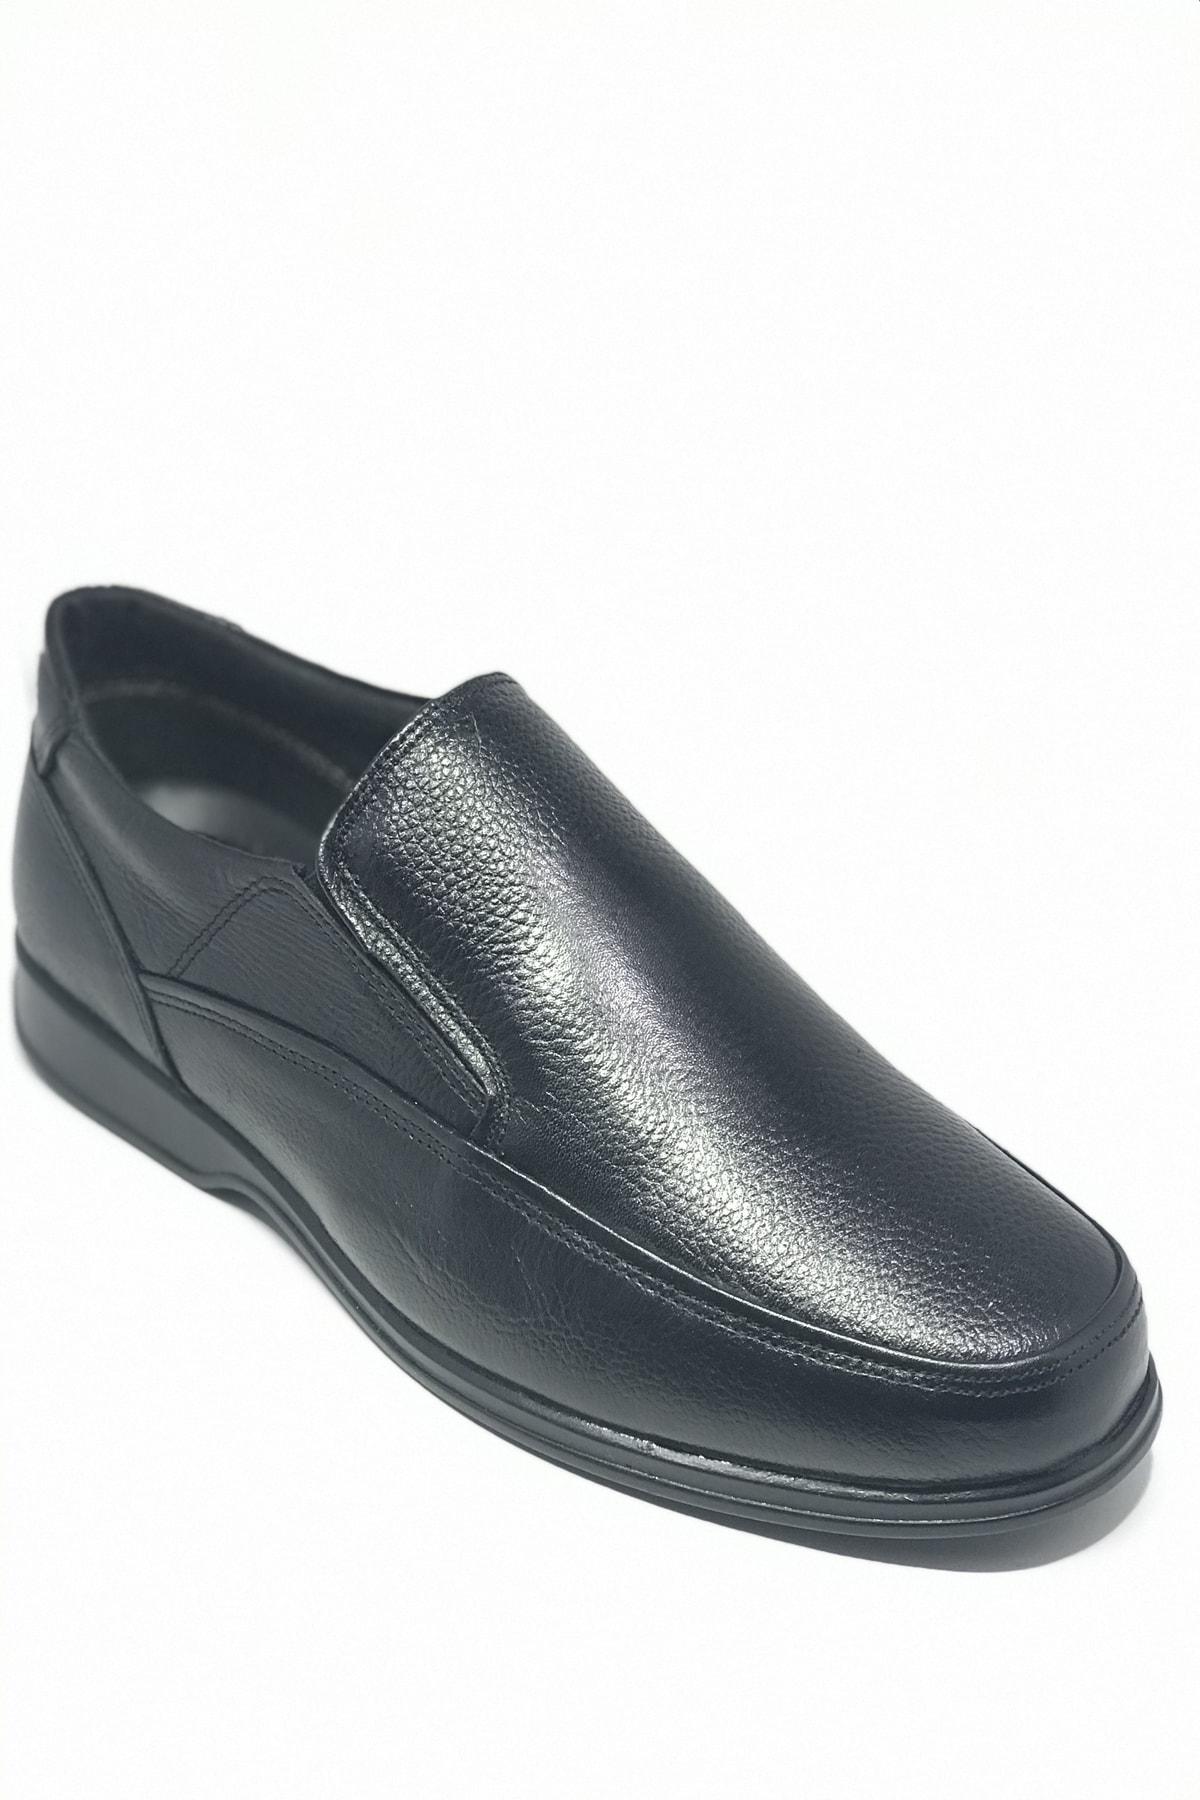 SAİM KUNDURA Baba Ayakkabısı Hakiki Deri 4 Mevsimlik Ortopedik Taban Bağsız 1